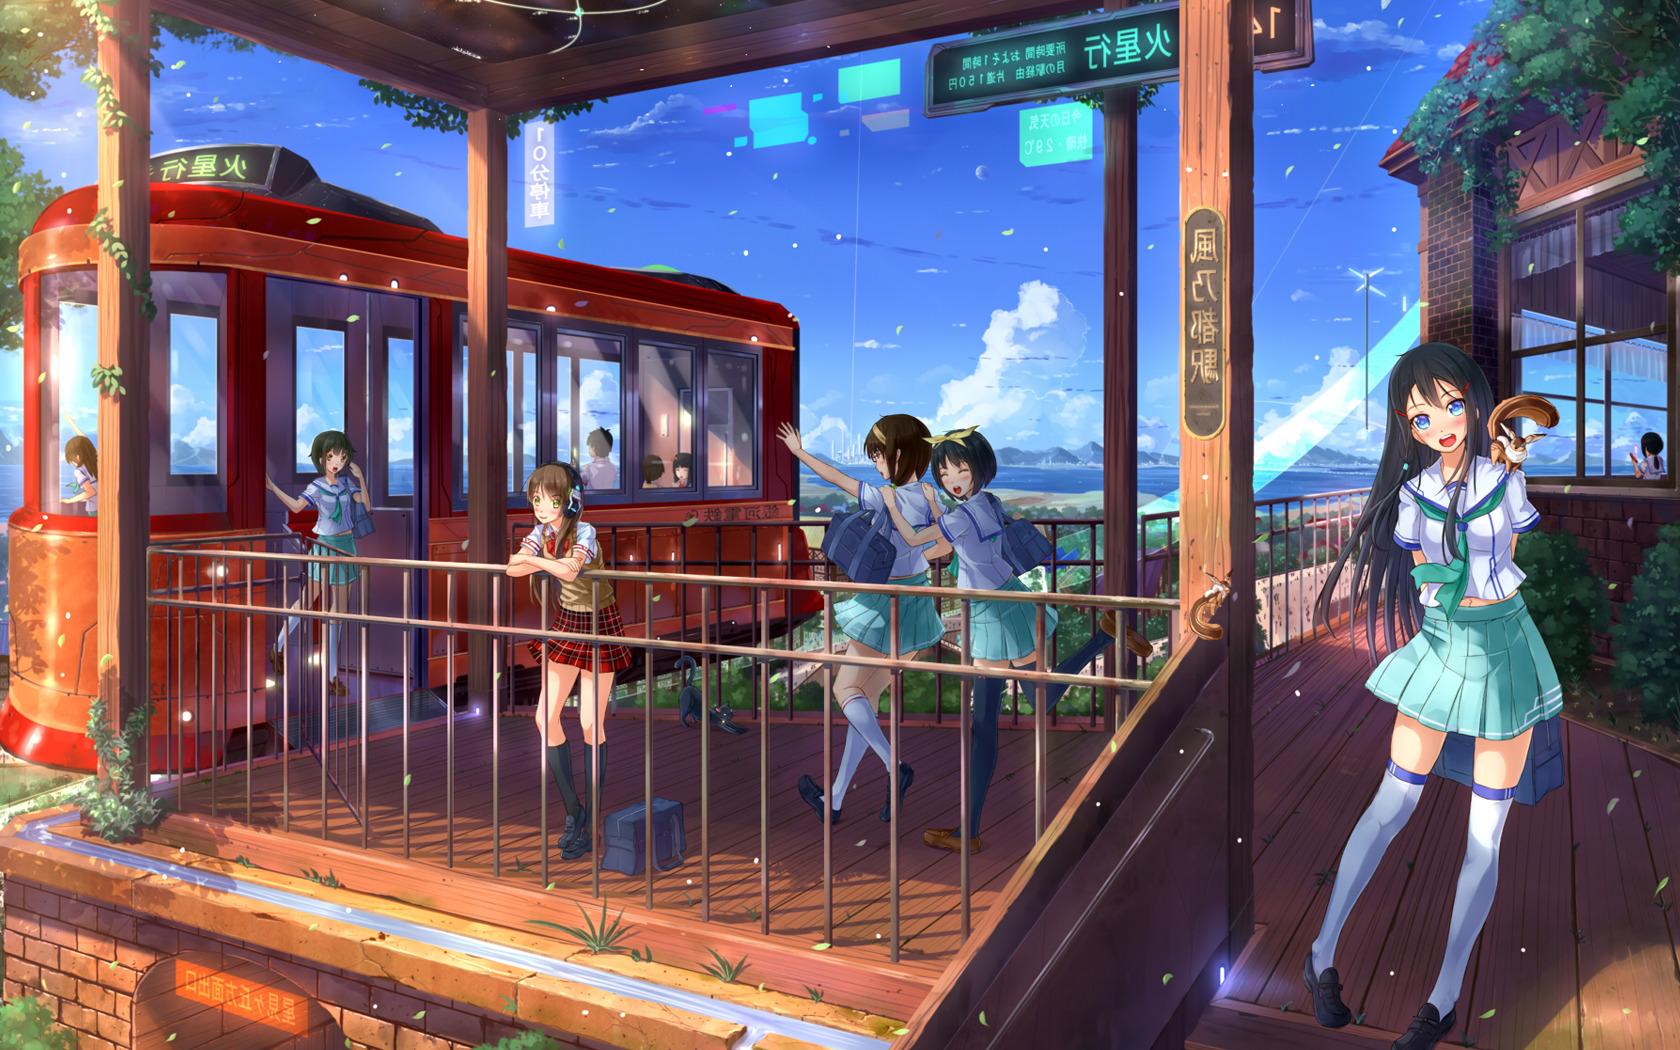 New Girl Wallpaper Full Hd Anime Anime Girls Train Station Schoolgirls Wallpapers